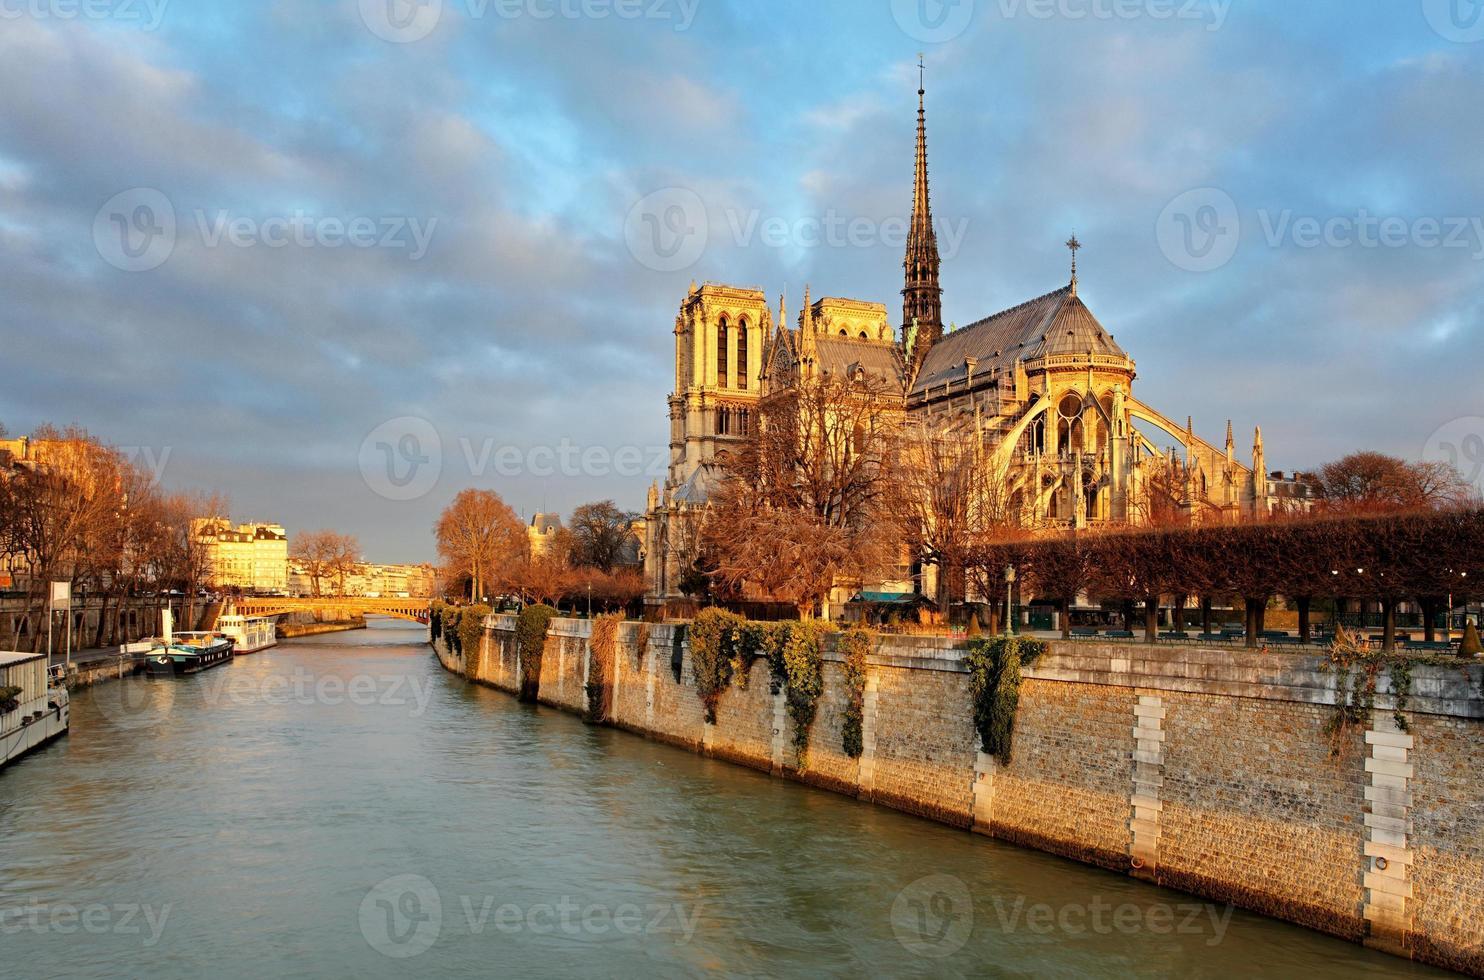 Notre Dame bij zonsopgang - Parijs, Frankrijk foto